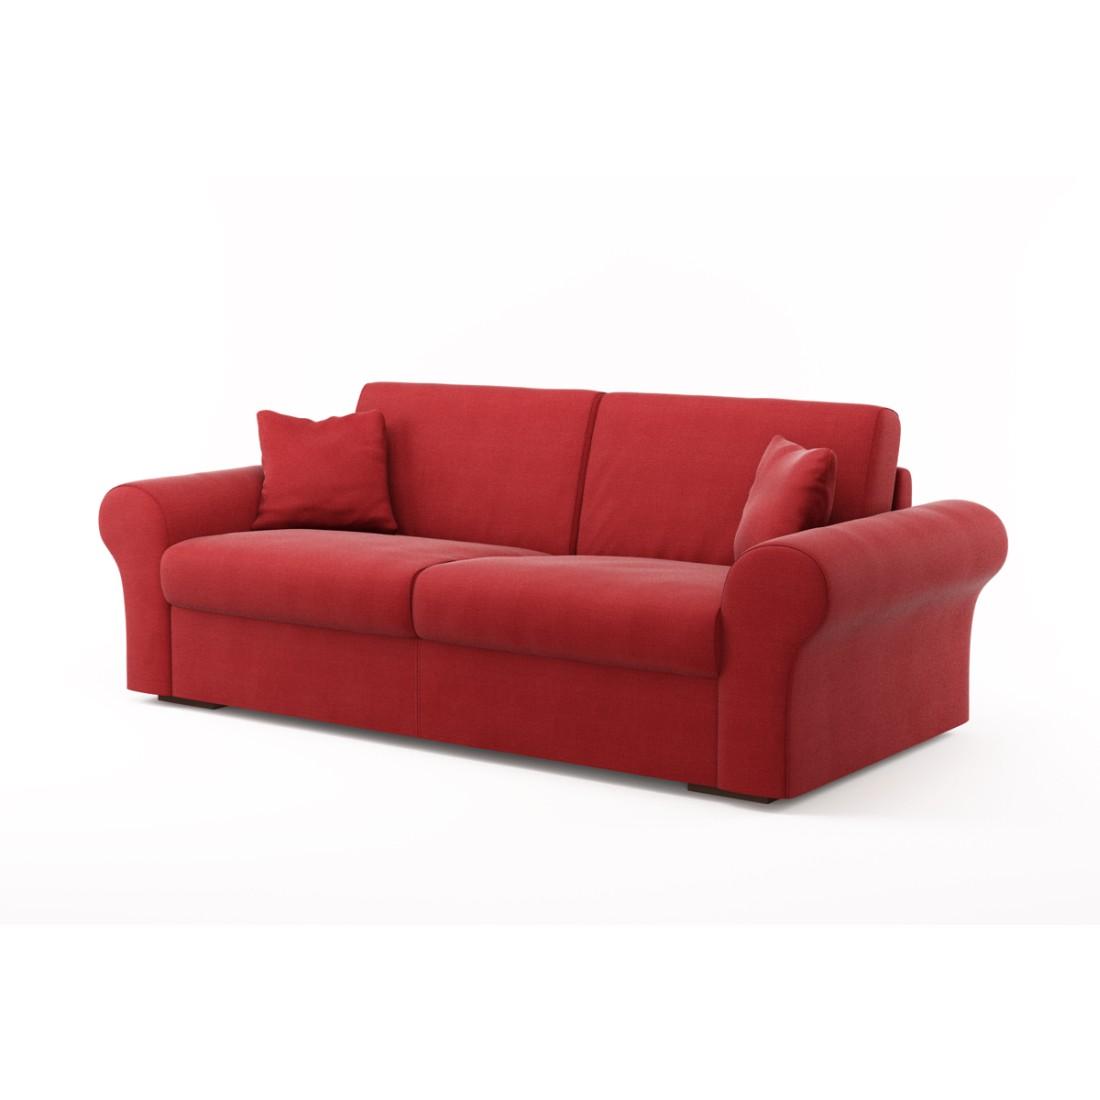 Schlafsofa Novo (3-Sitzer) – Cielo Vip 5 257 (Indischrot), Von Wilmowsky online kaufen